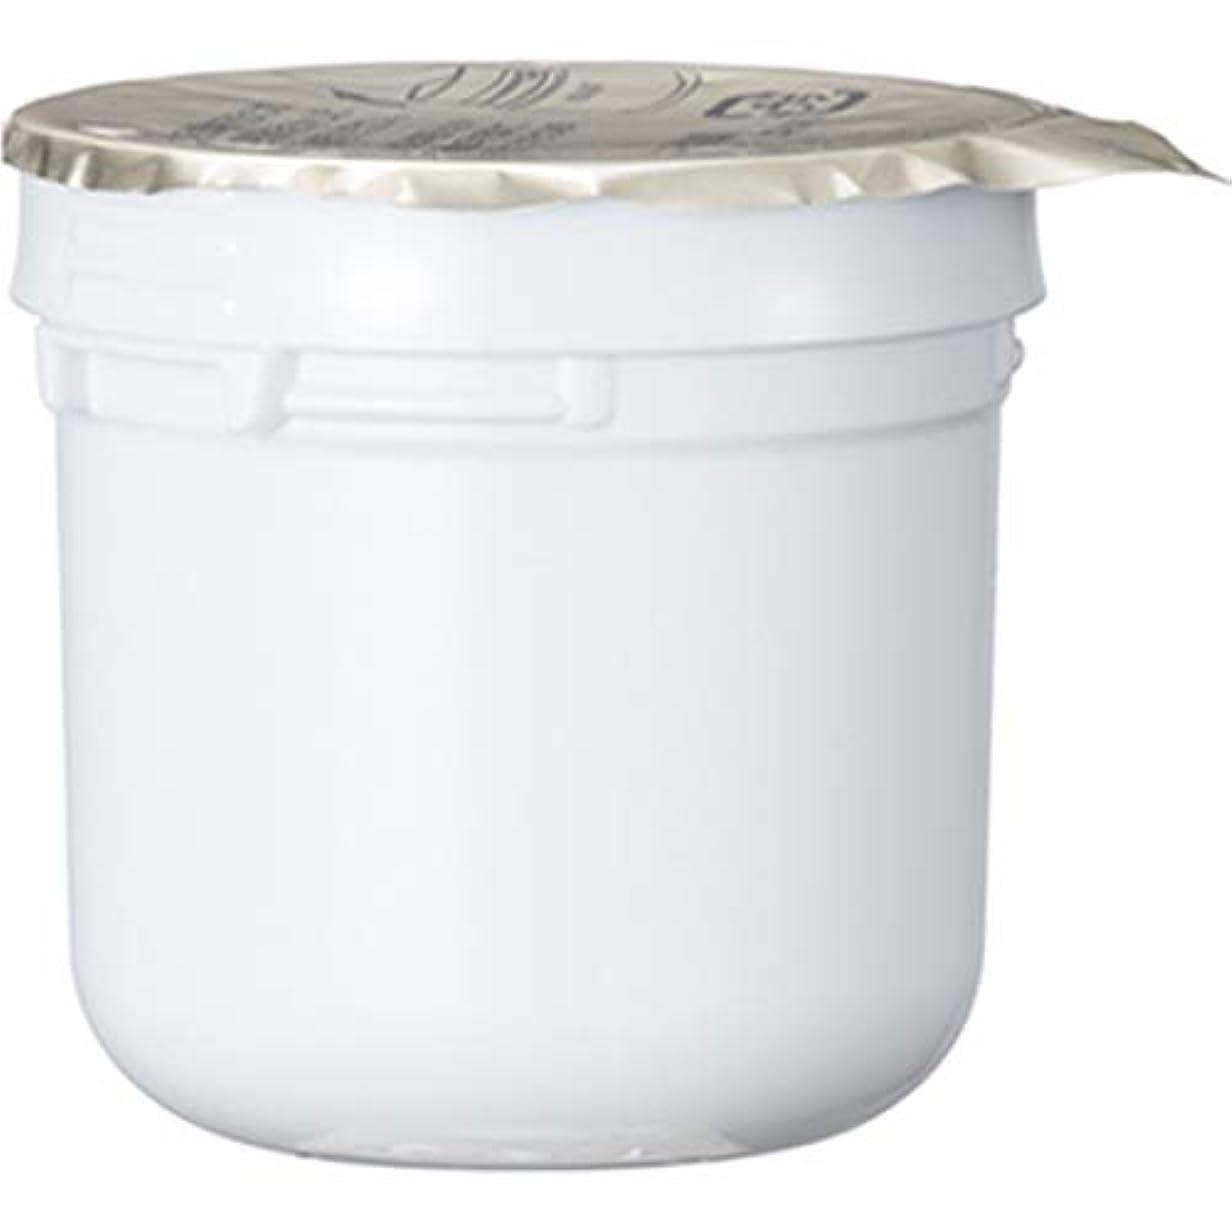 技術者バストビデオASTALIFT(アスタリフト) ホワイト クリーム(美白クリーム)レフィル 30g [並行輸入品]